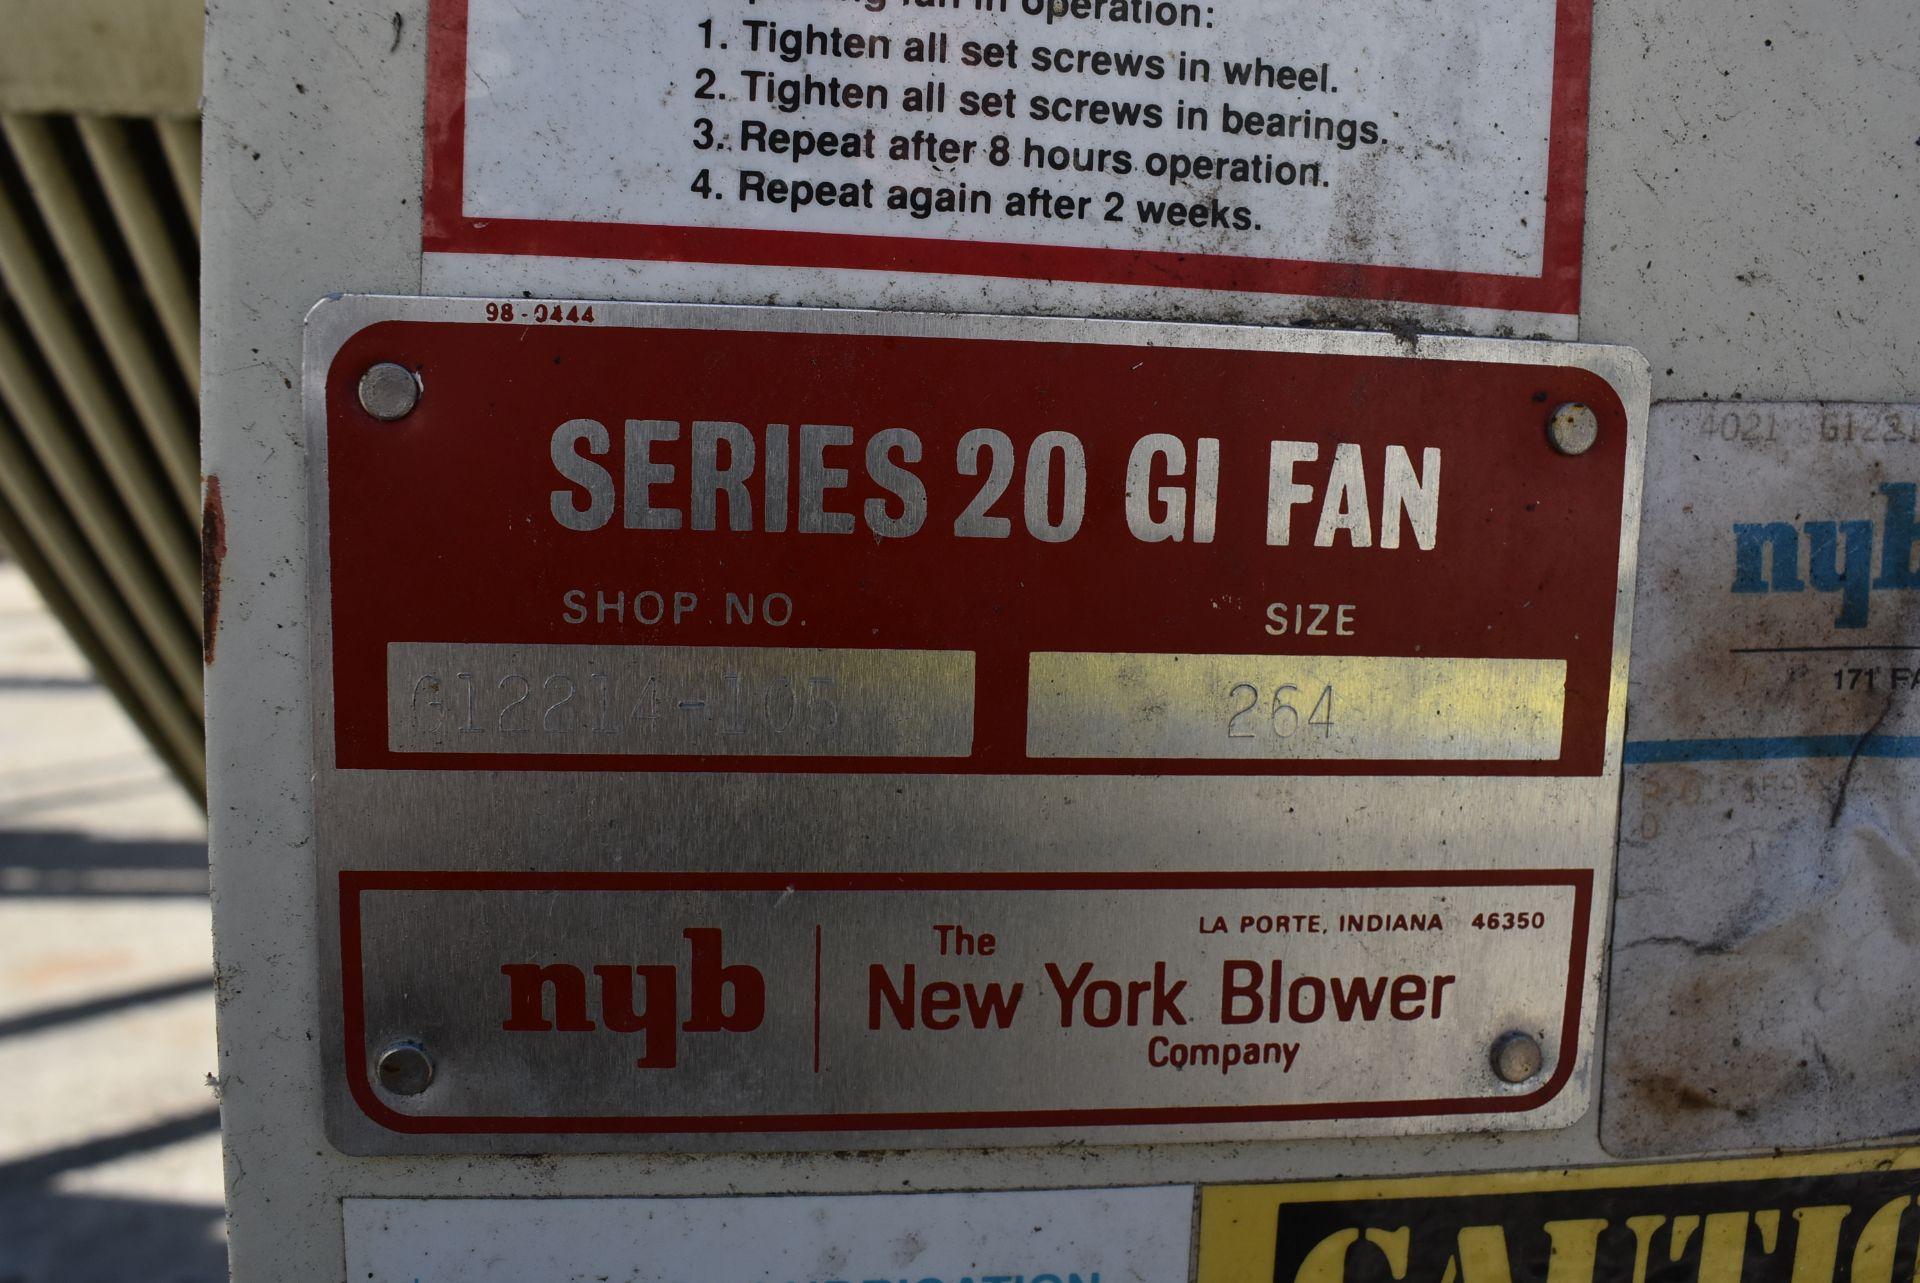 New York Blower Series 20 GI Fan, Size 264 w/Motor - Image 3 of 4